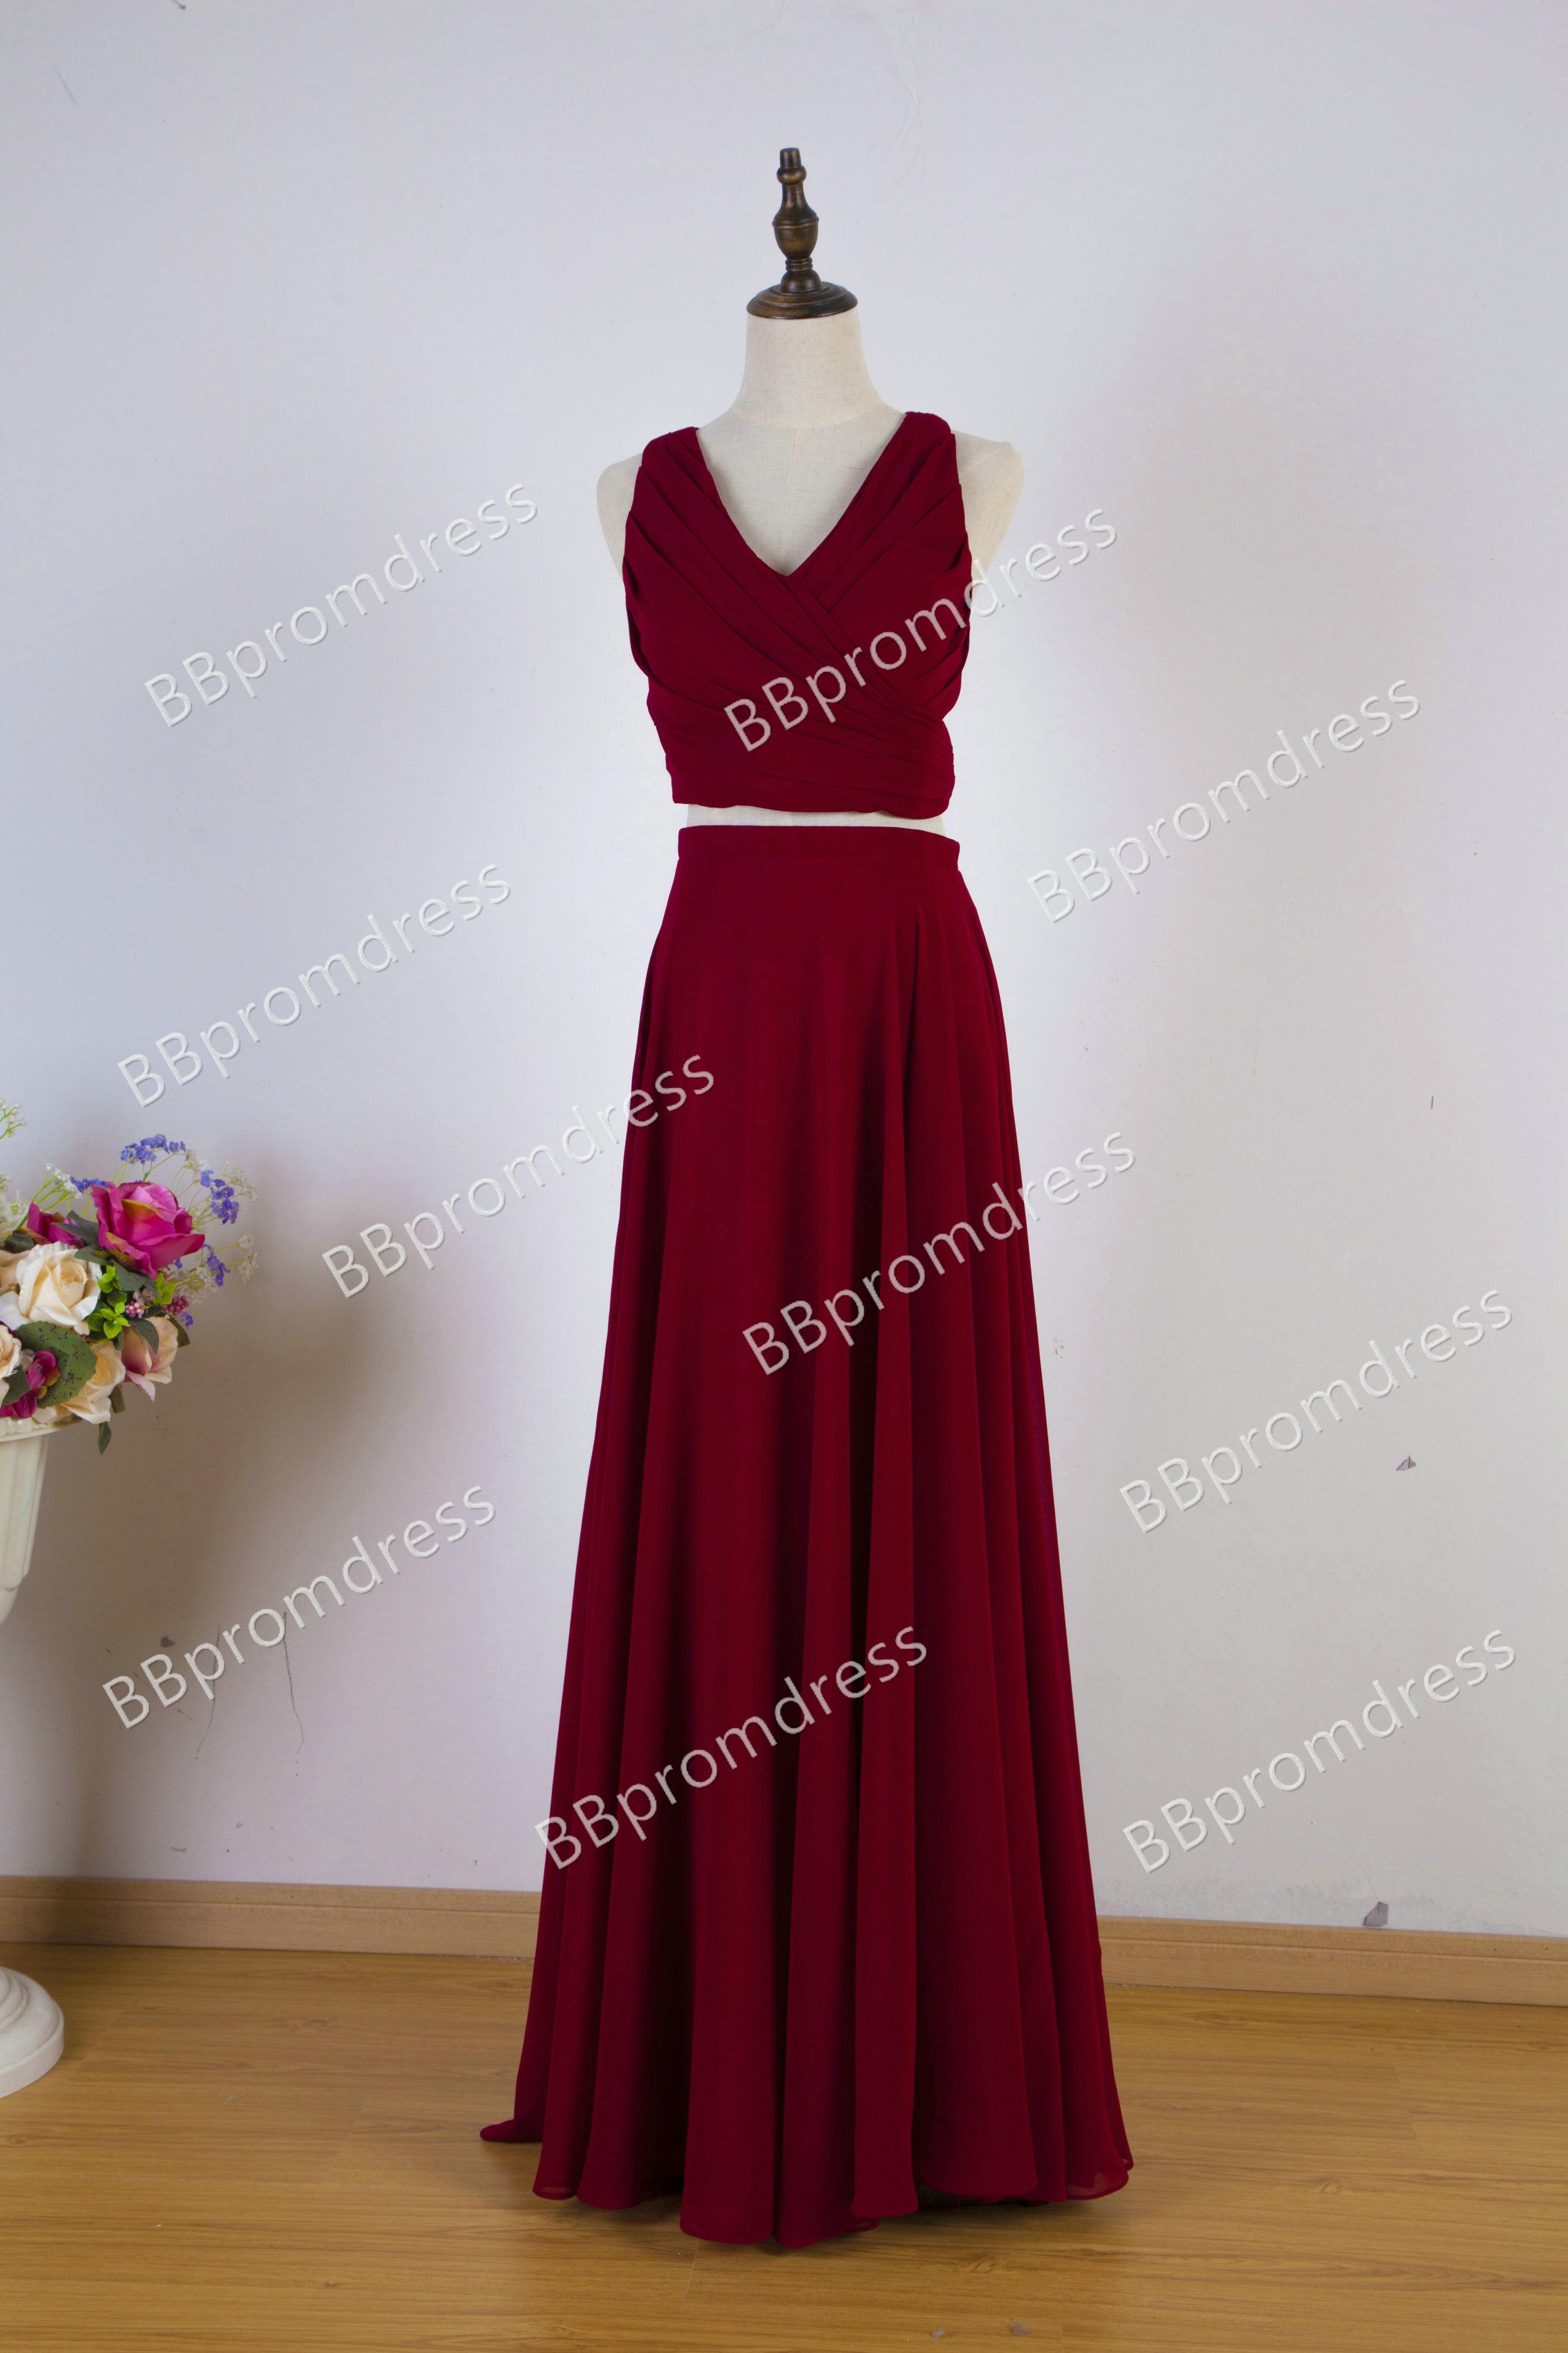 Fullsize Of Dresses For Graduation